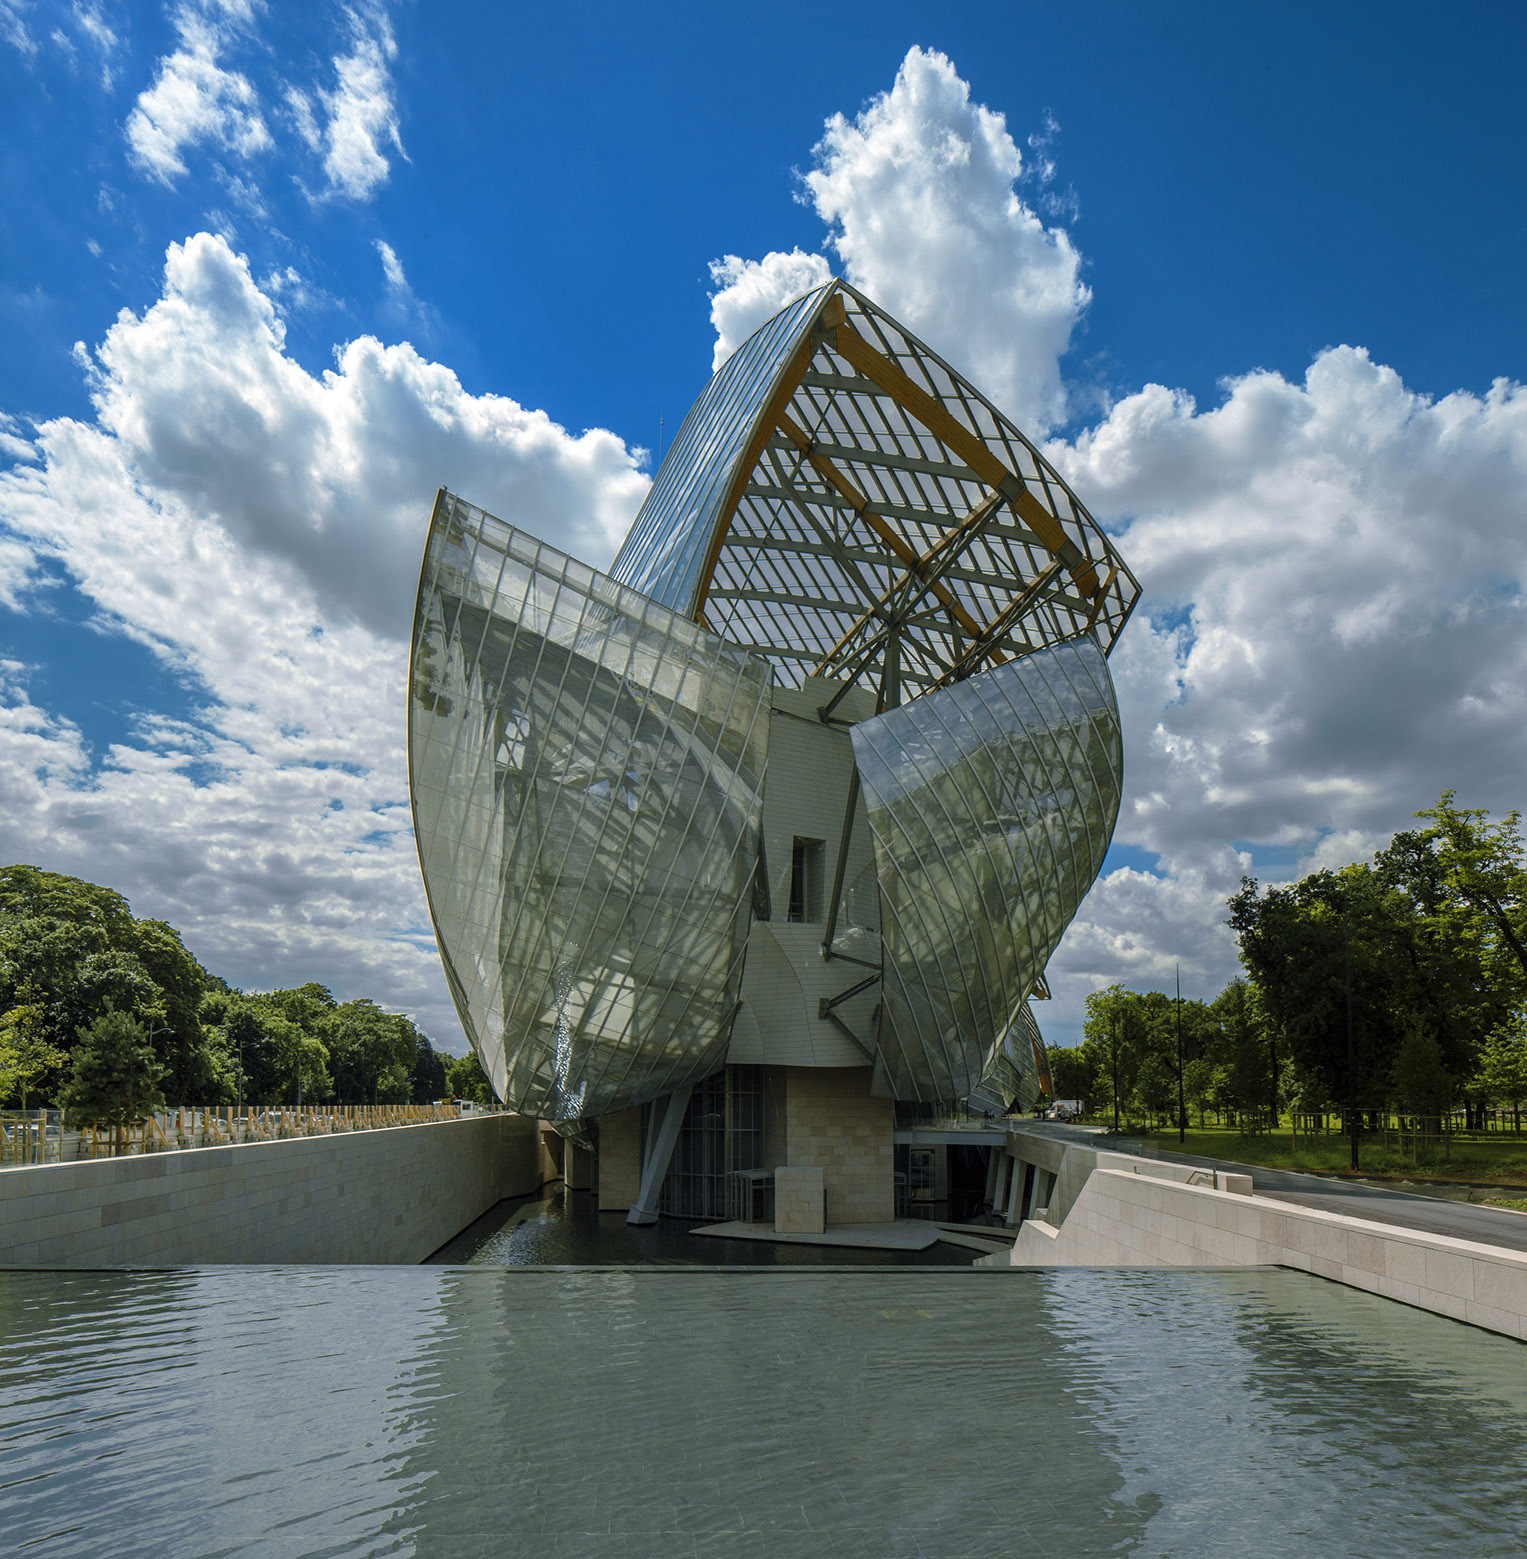 Fundação Louis Vuitton de Gehry em Paris: a resposta da crítica